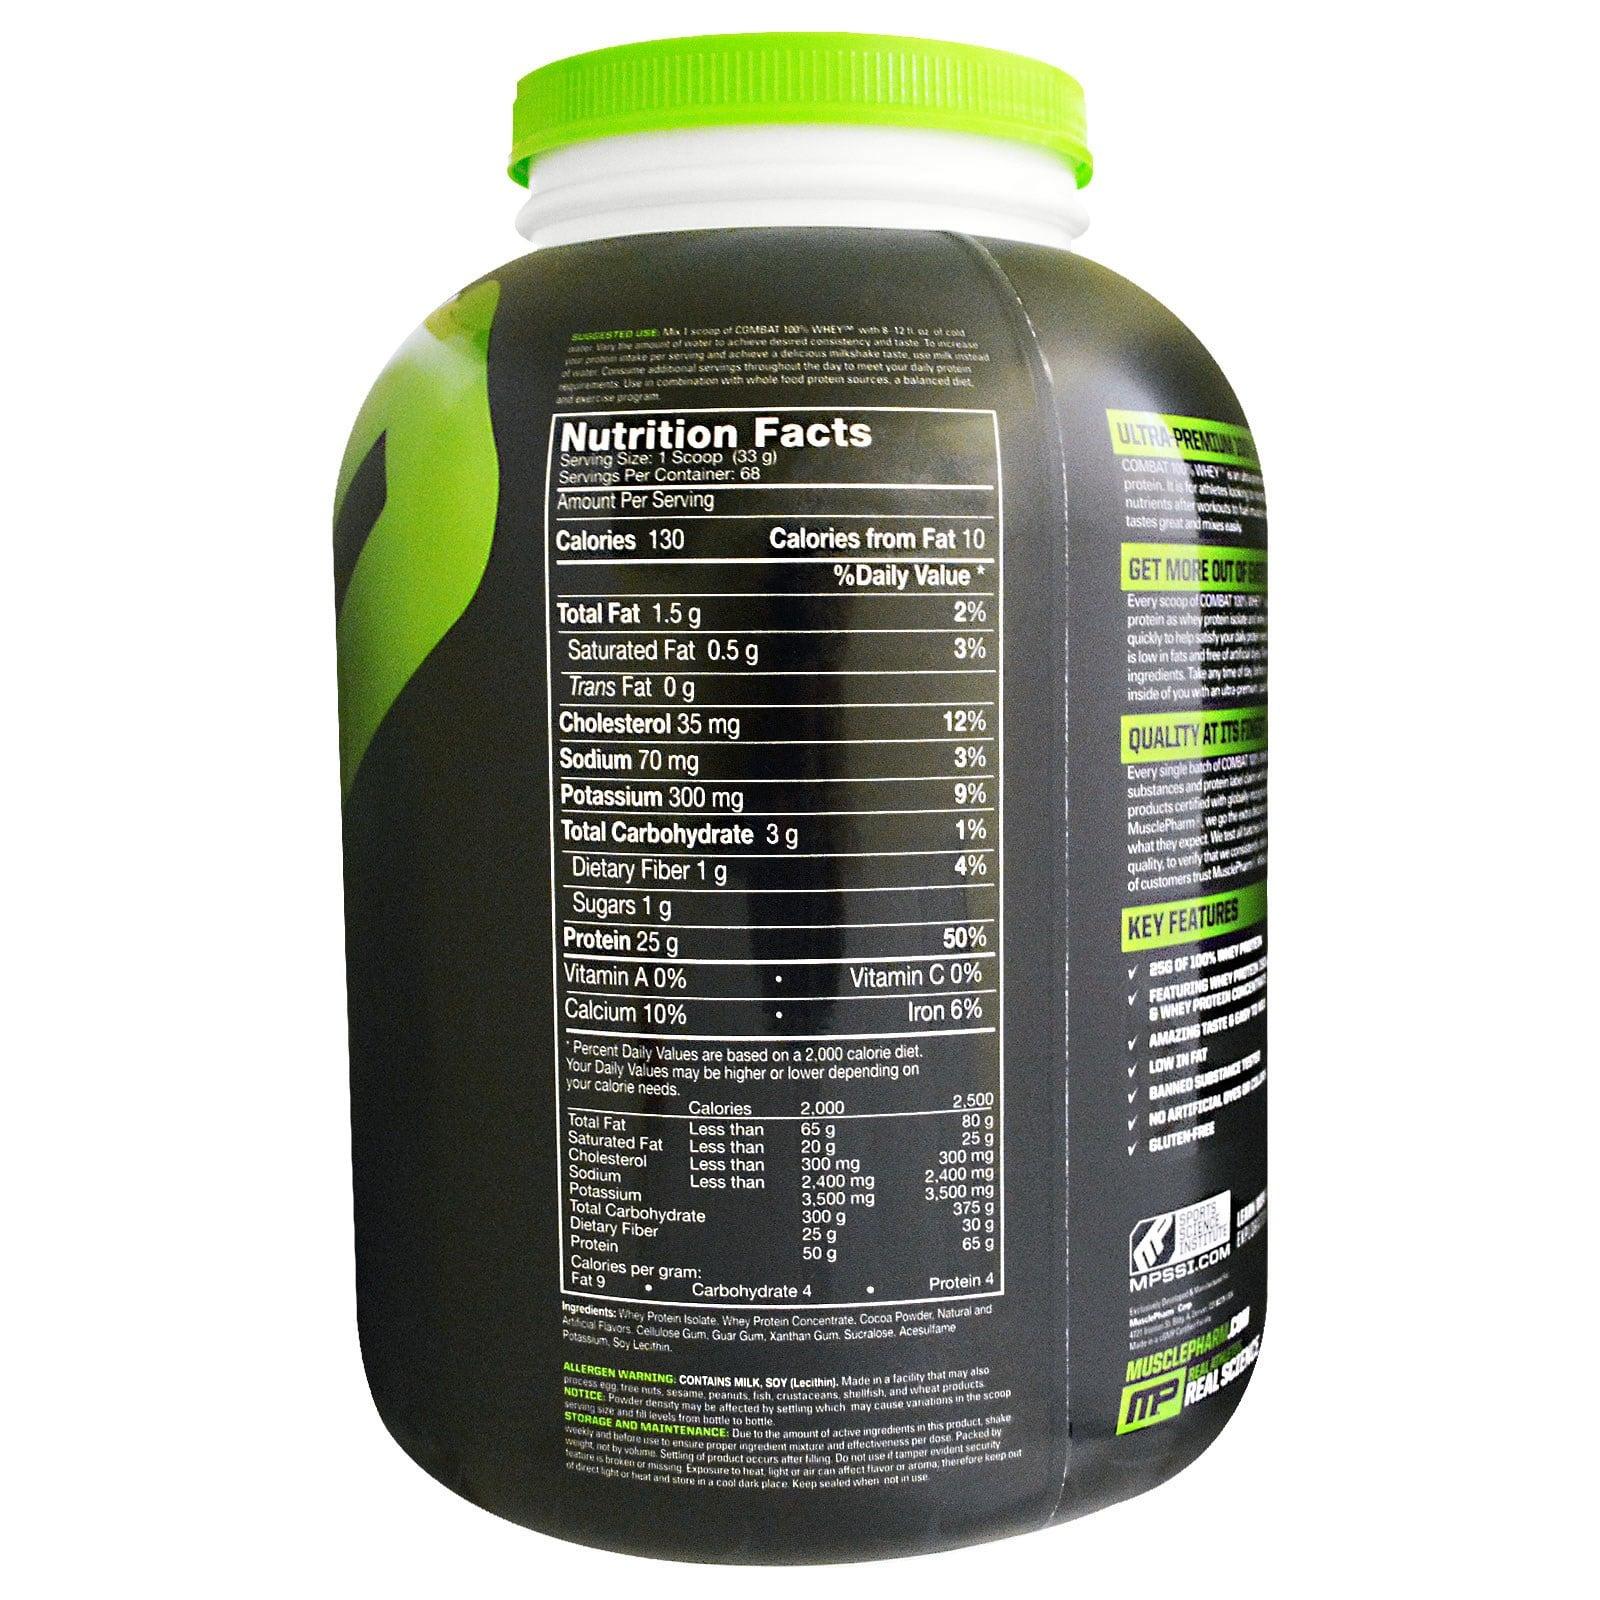 2.27קילו 100% אבקת חלבון מאסל פארם קומבט | Combat 100% Whey